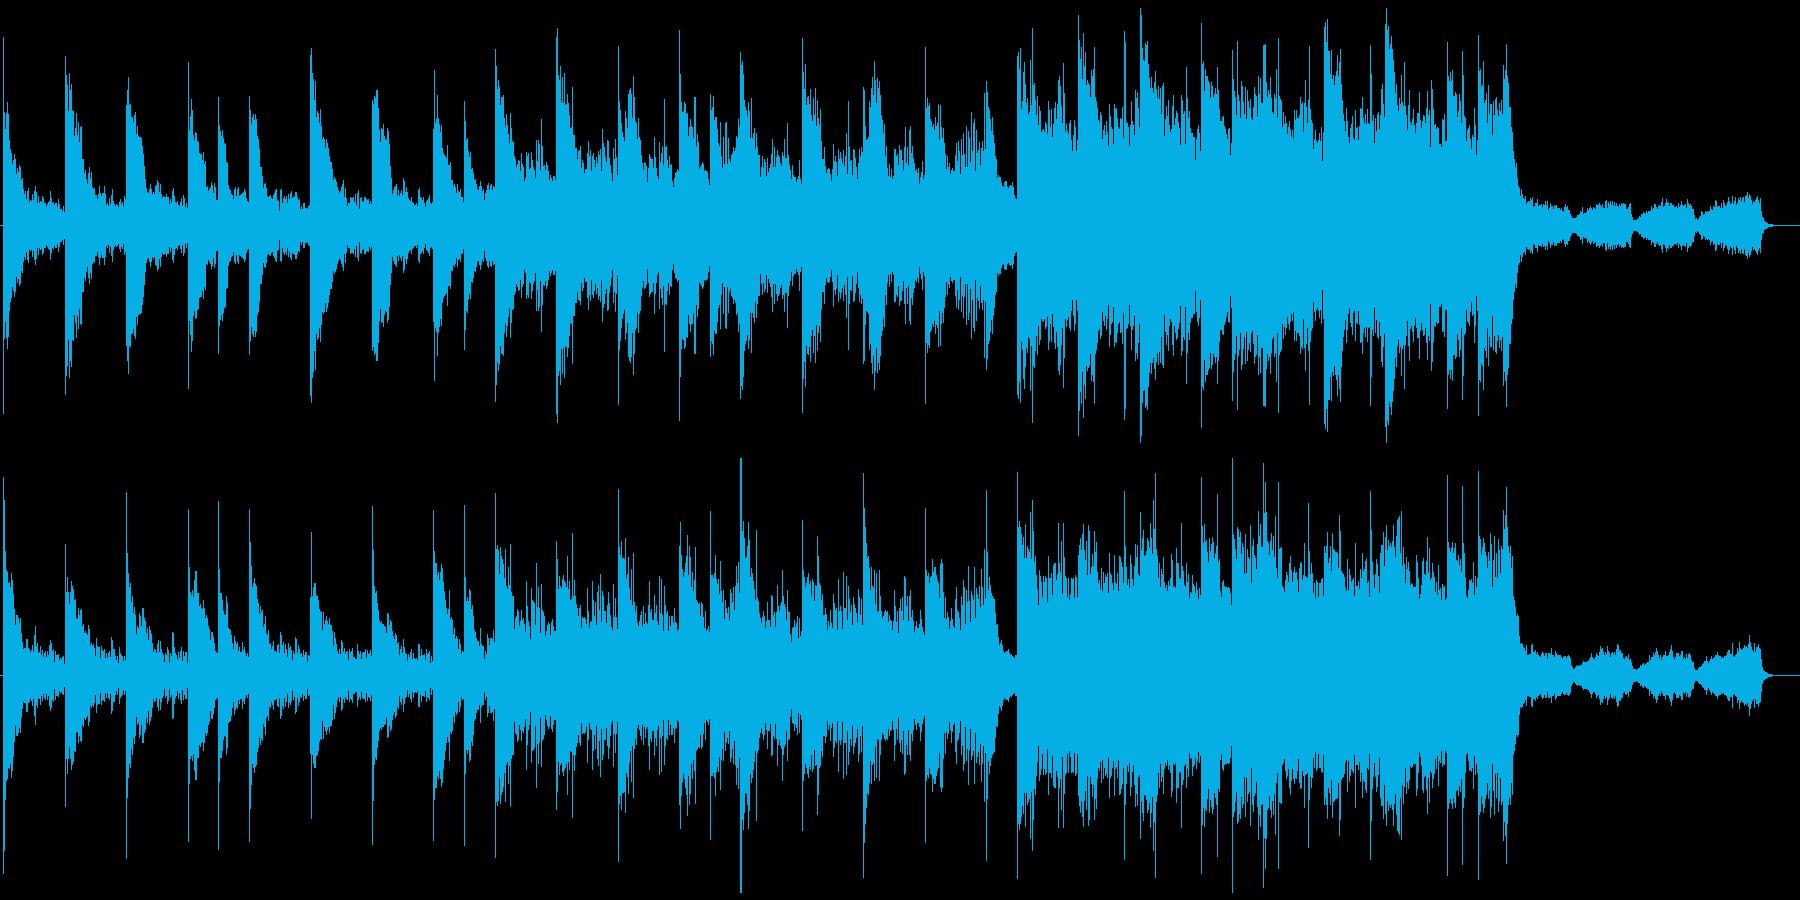 ピアノとストリングスが奏でる迫力のある曲の再生済みの波形